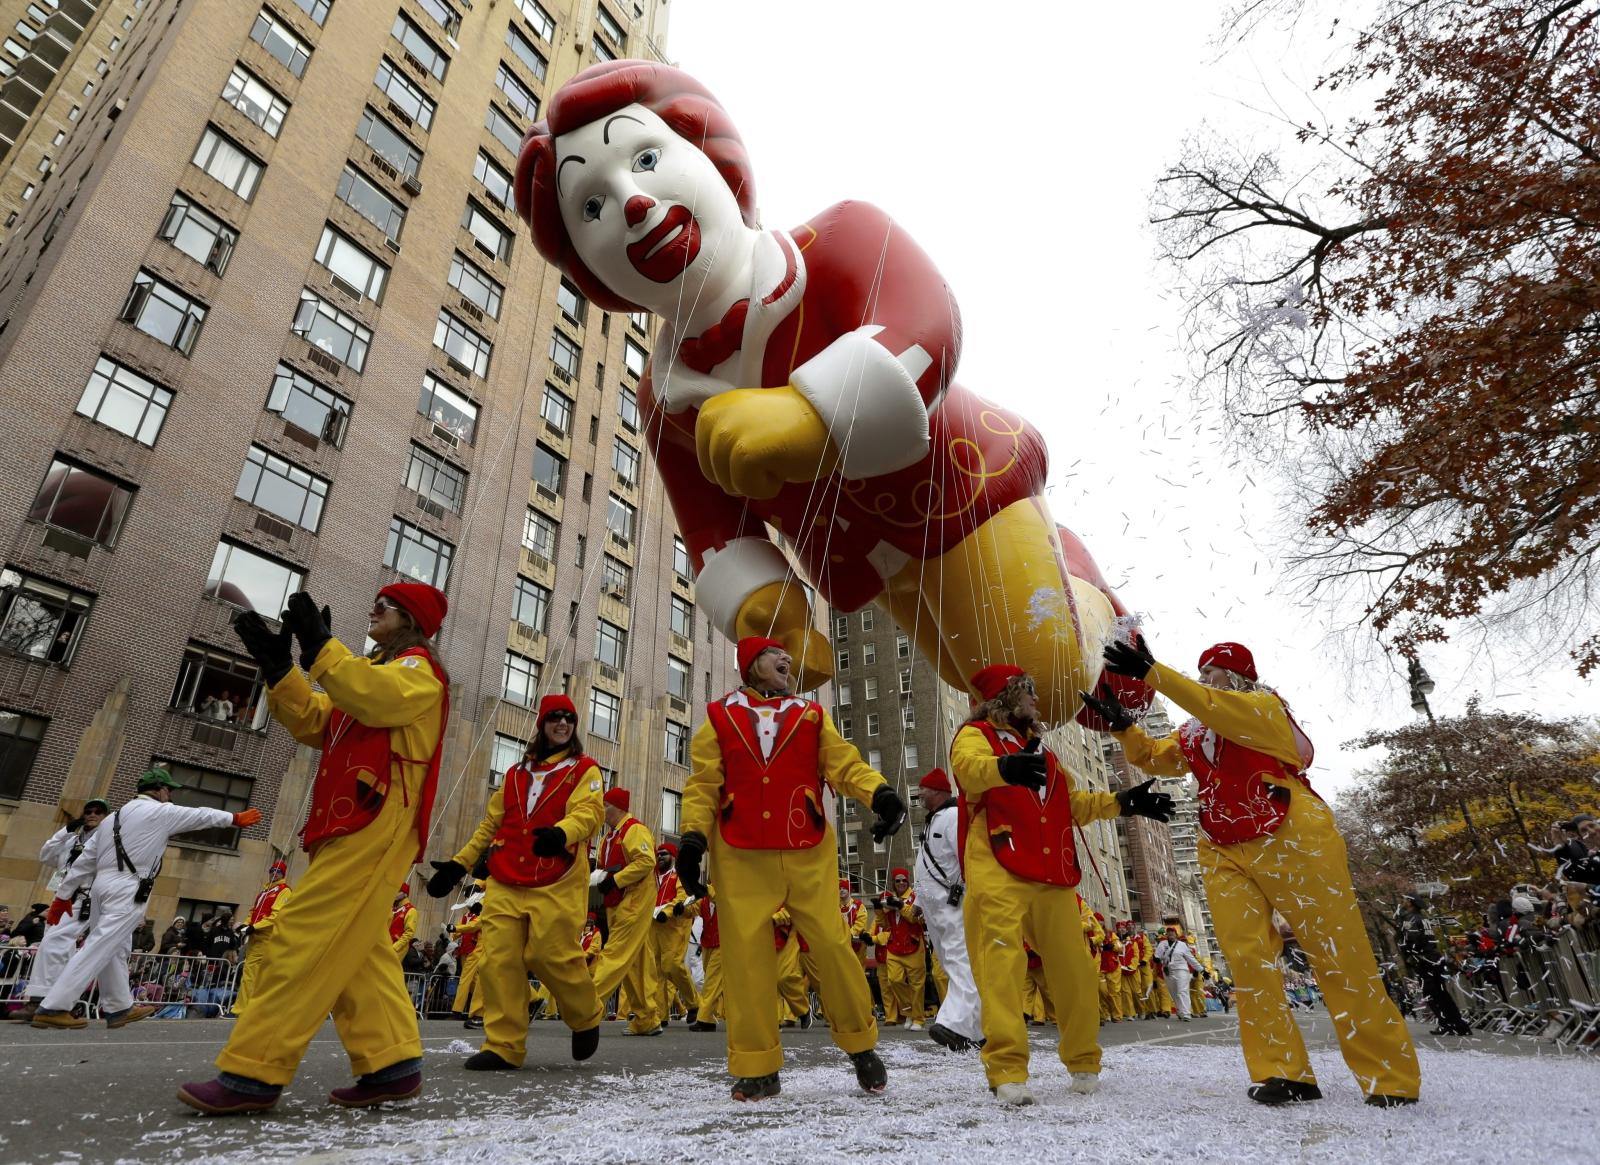 Największa w USA parada z okazji Święta Dziękczynienia. W tym roku odbyła się ona po raz 90. Jedną z atrakcji były ogromne balony przedstawiajace ikony kultury. Fot. PAP/EPA/PETER FOLEY